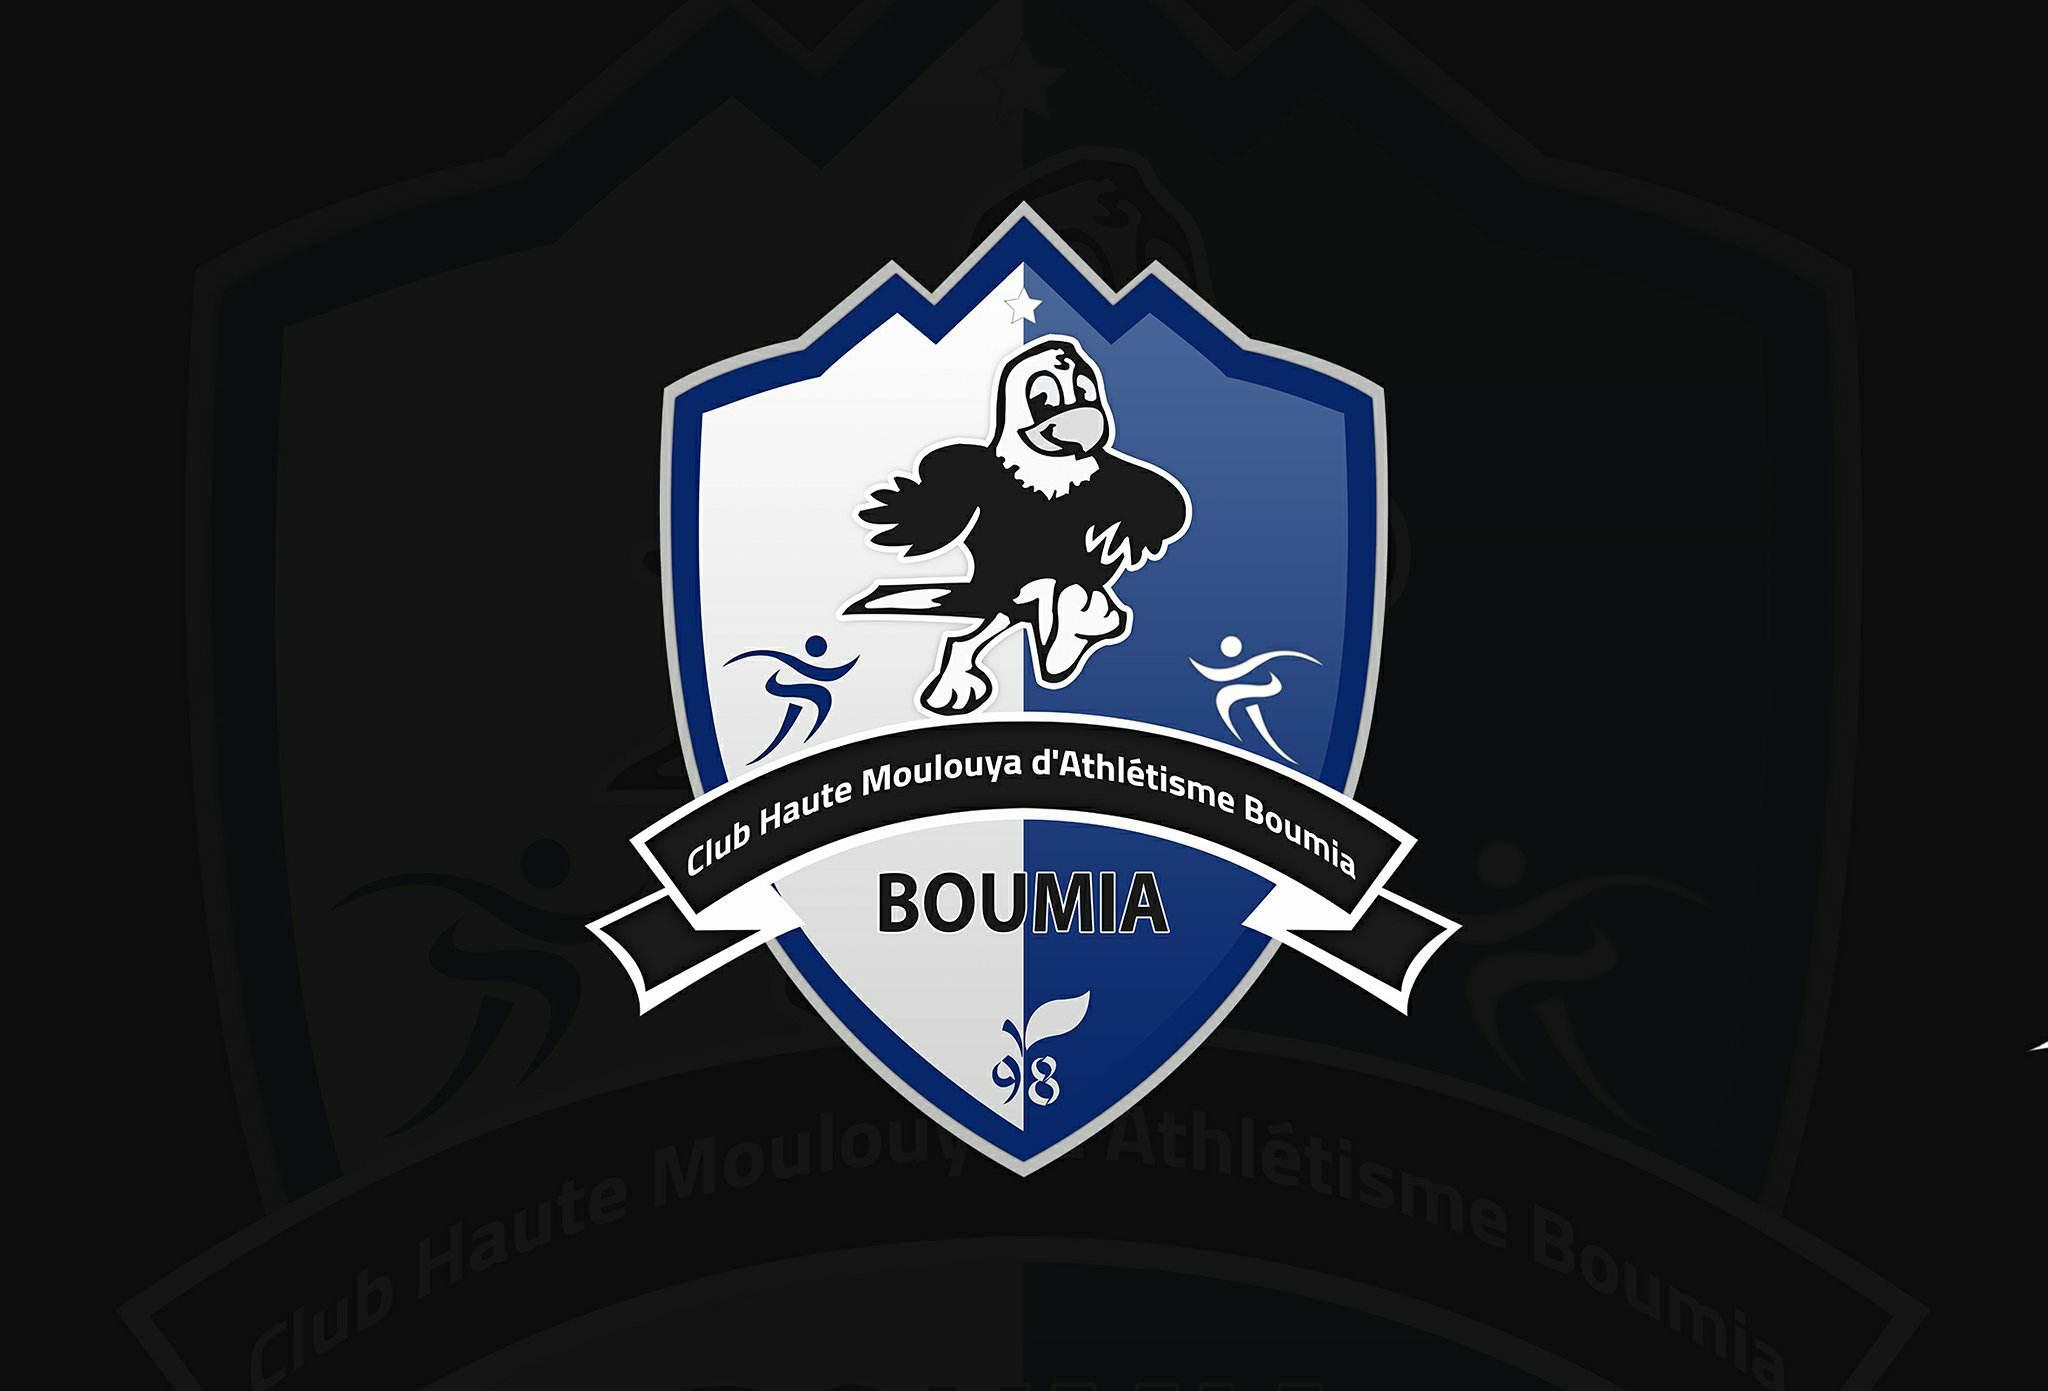 حصيلة مشرفة :نادي ملوية لألعاب القوى بومية يحتل رتبة 8  وطنيا